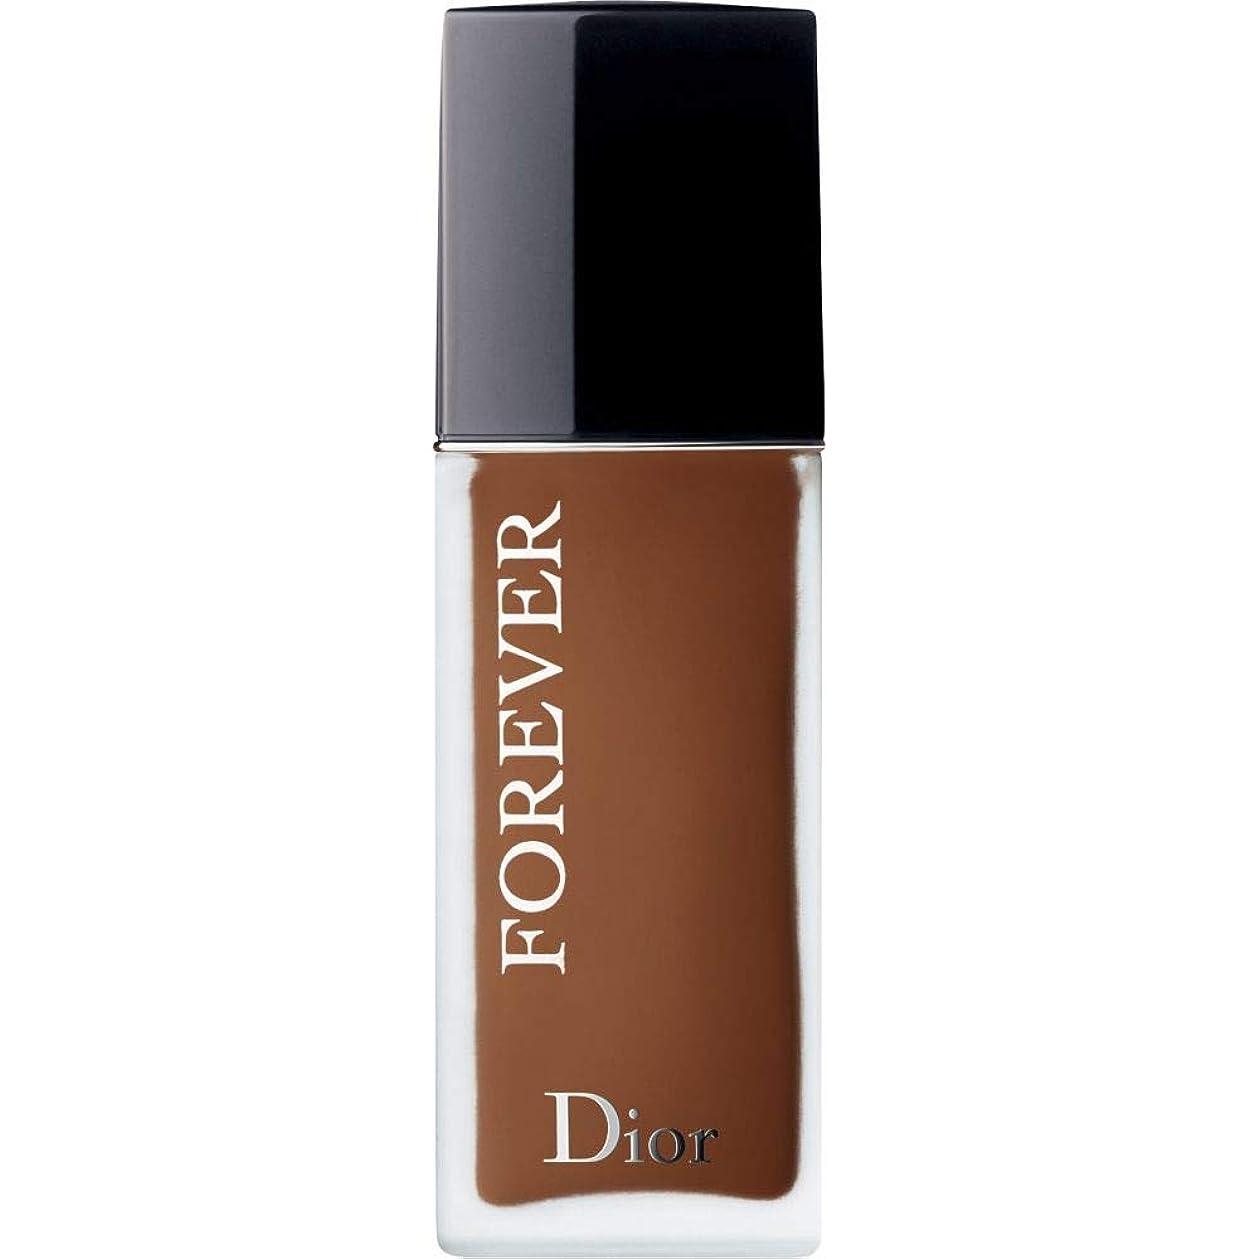 バリケード頑丈環境[Dior ] ディオール永遠皮膚思いやりの基盤Spf35 30ミリリットルの8N - ニュートラル(つや消し) - DIOR Forever Skin-Caring Foundation SPF35 30ml 8N - Neutral (Matte) [並行輸入品]